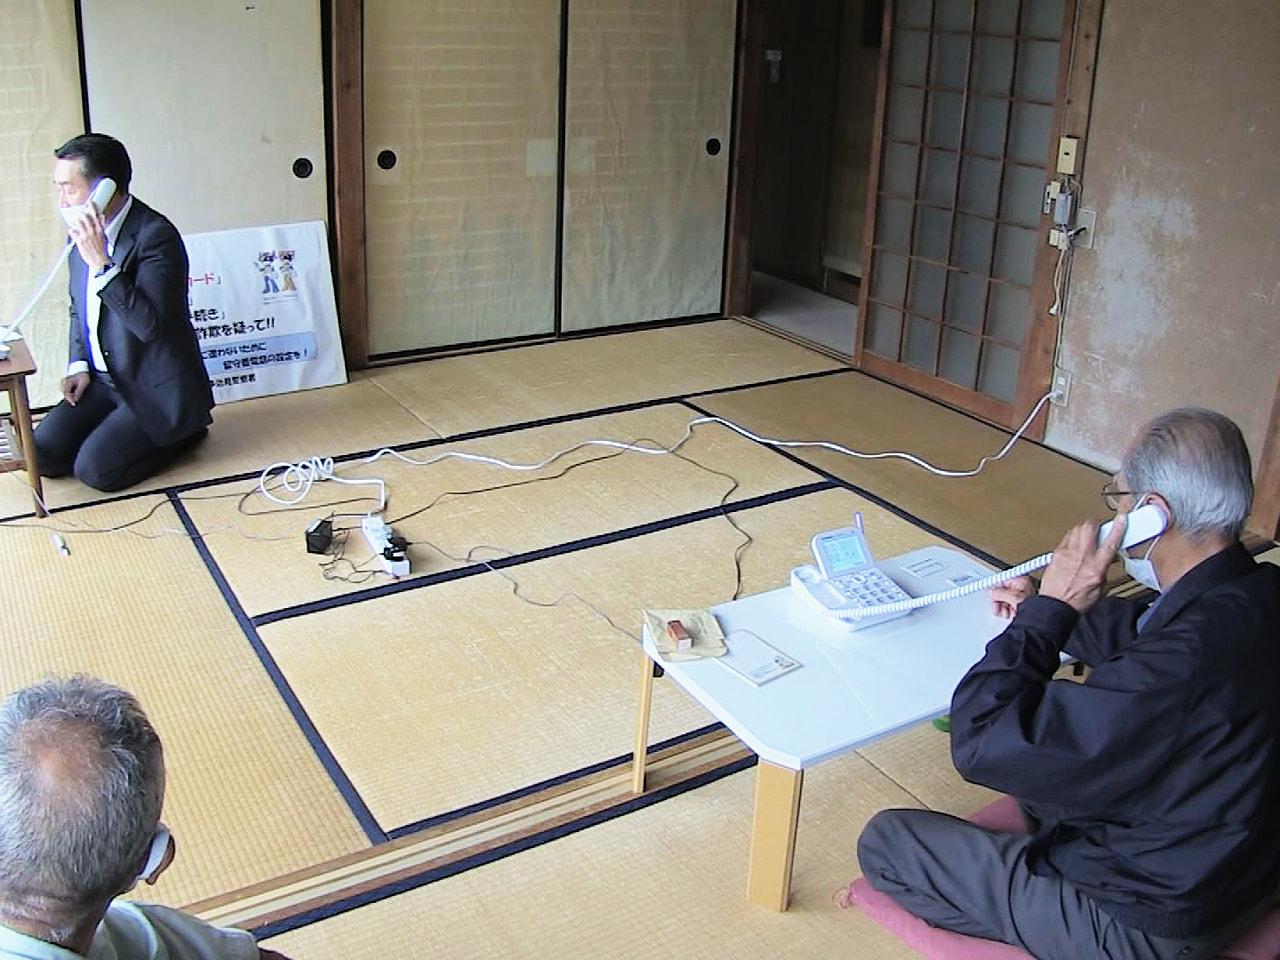 ニセ電話詐欺の被害を防ごうと、不審な電話を高齢者が受ける模擬体験会が20日、岐阜...